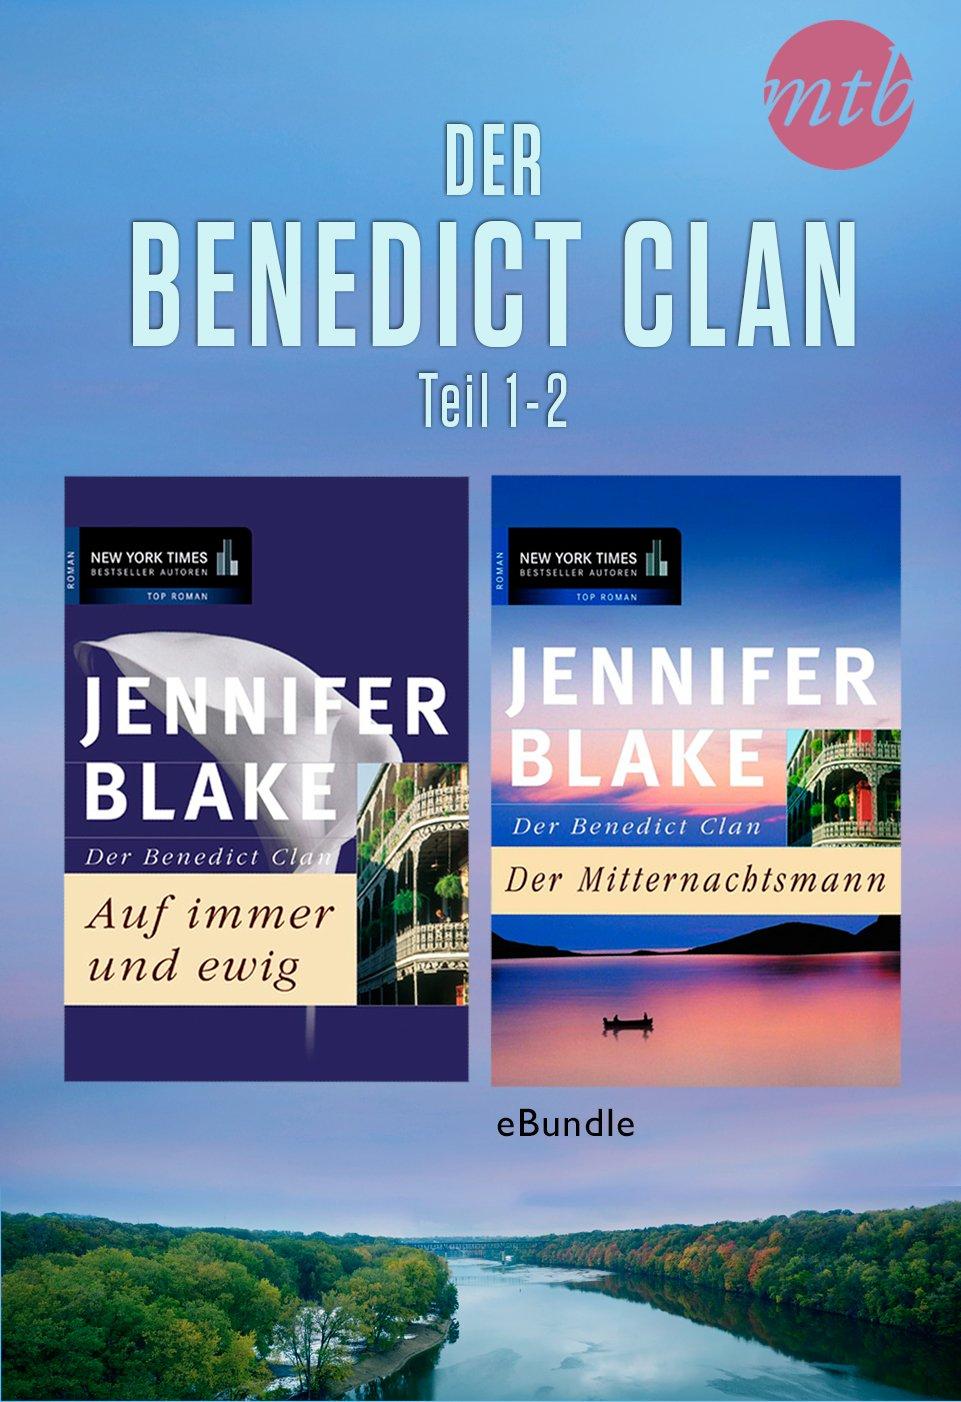 Der Benedict Clan - Teil 1-2: eBundle